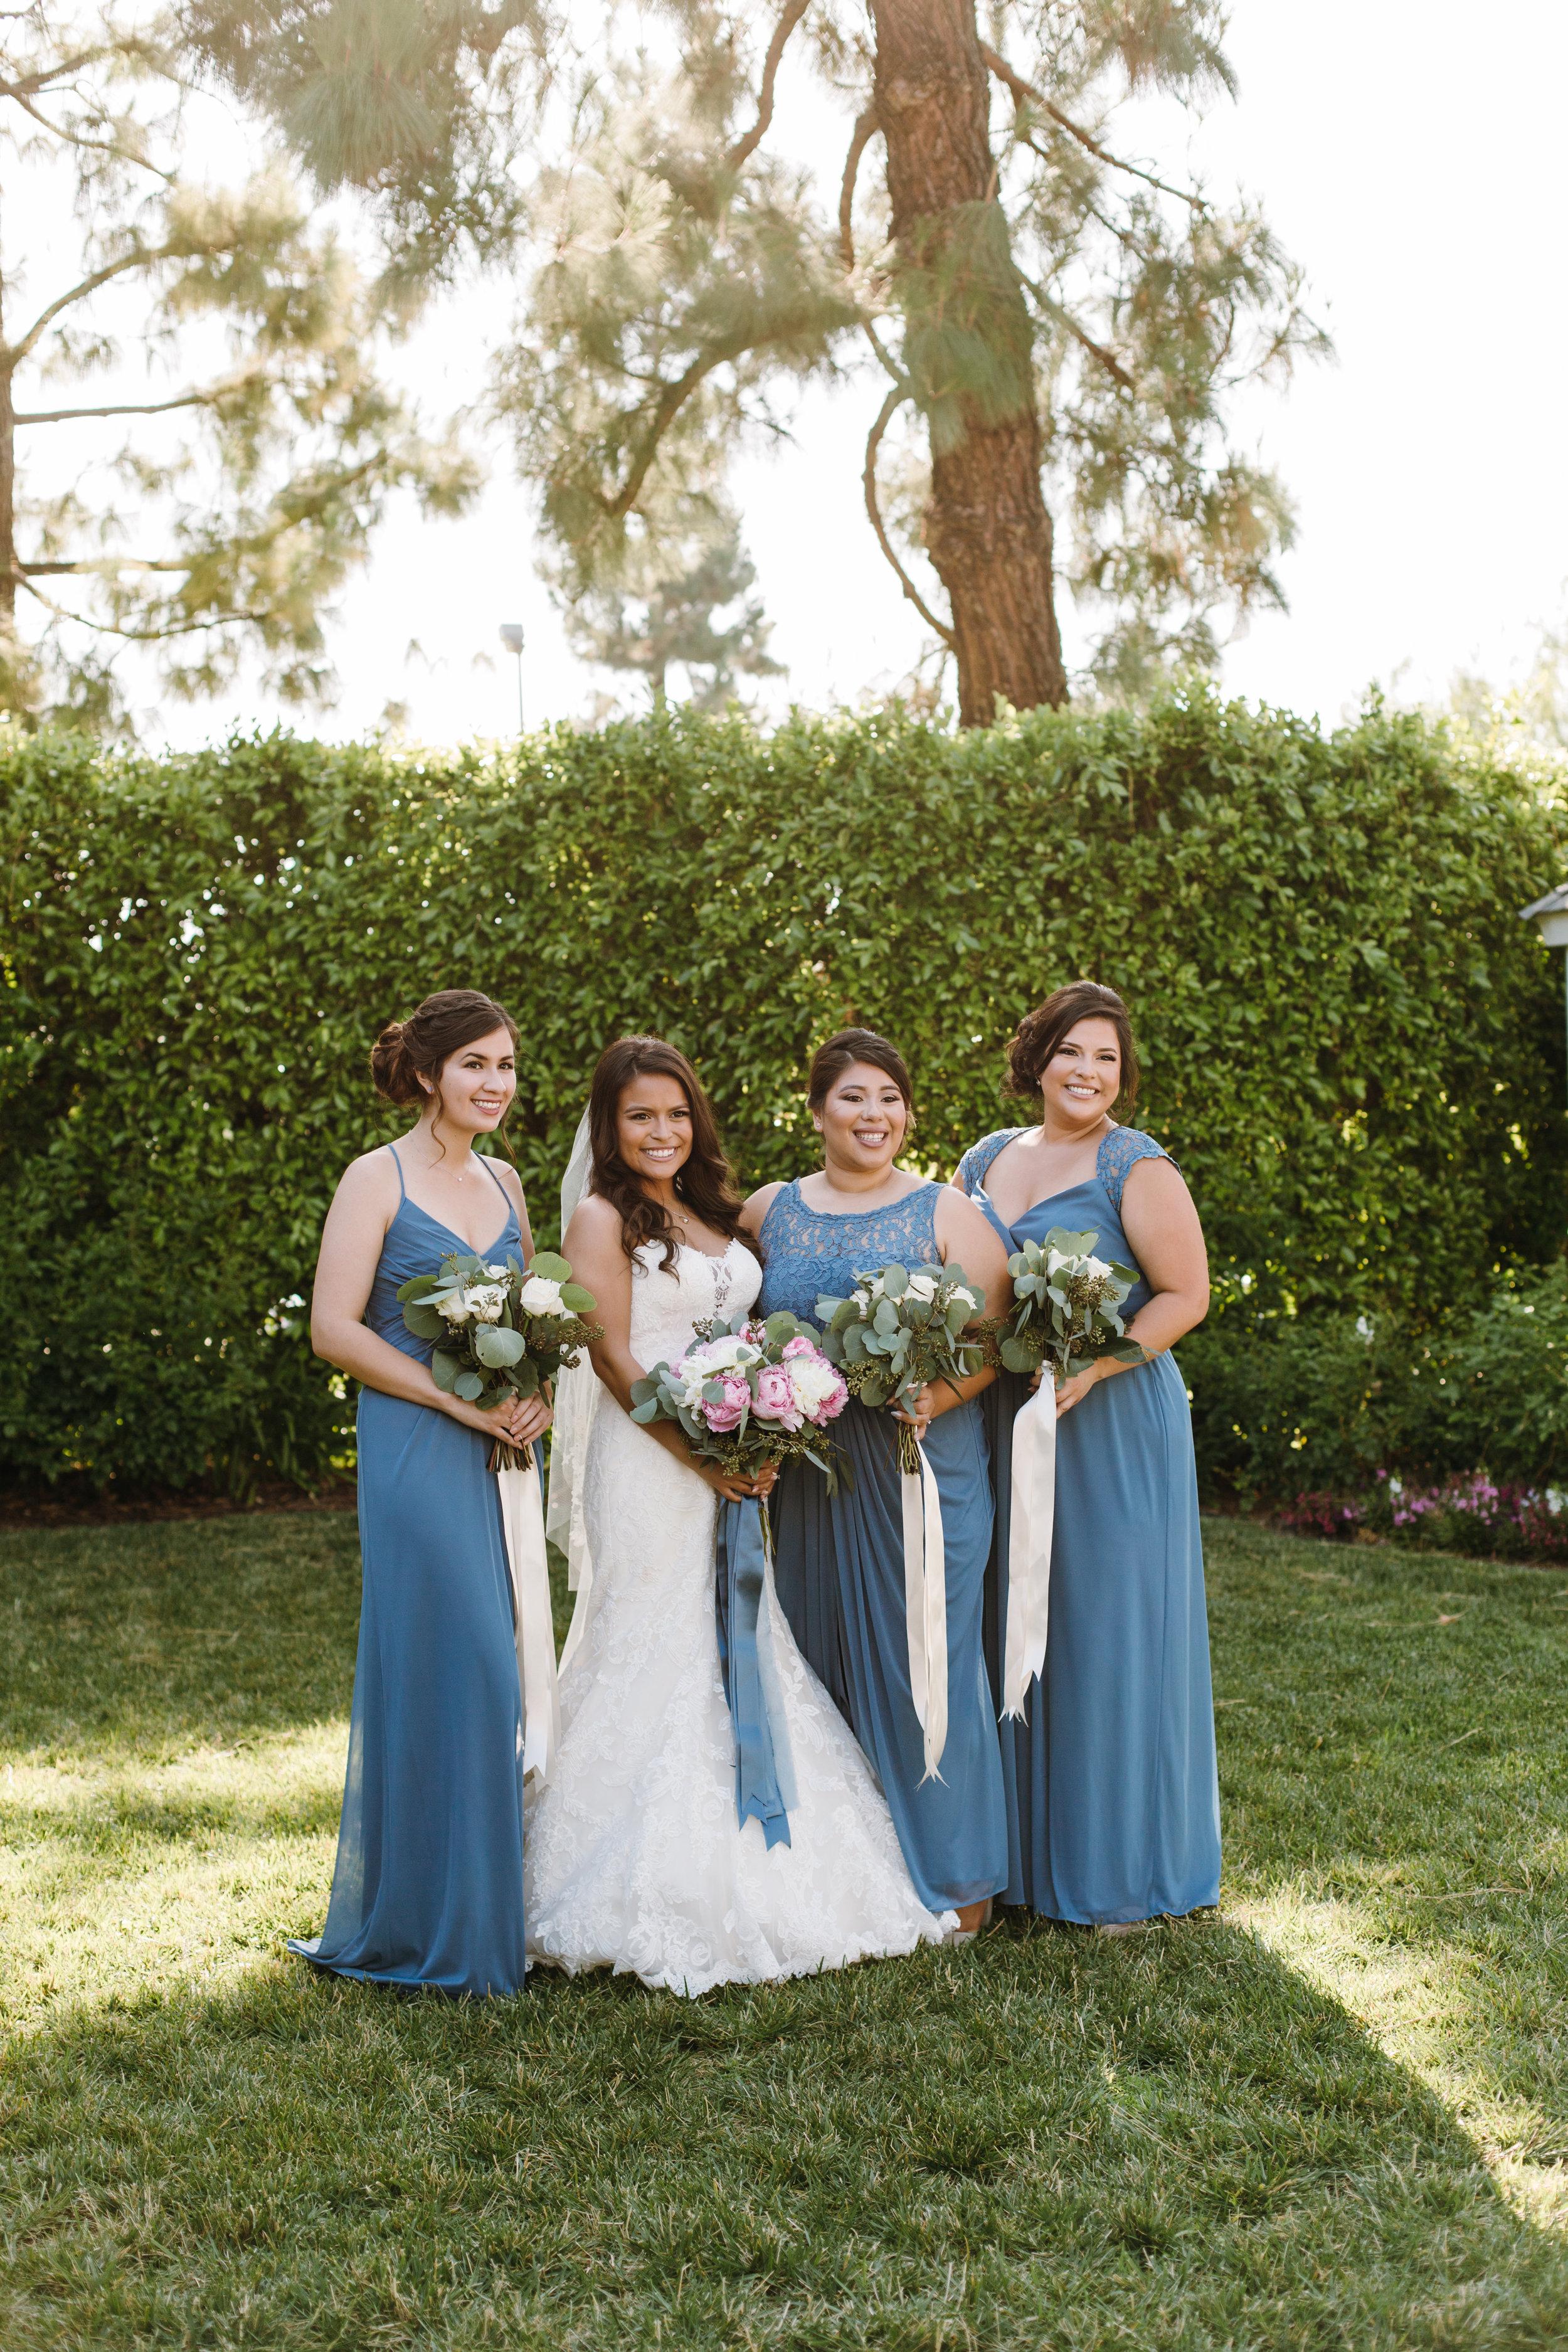 KaraNixonWeddings-SanDiego-Wedding-30.jpg